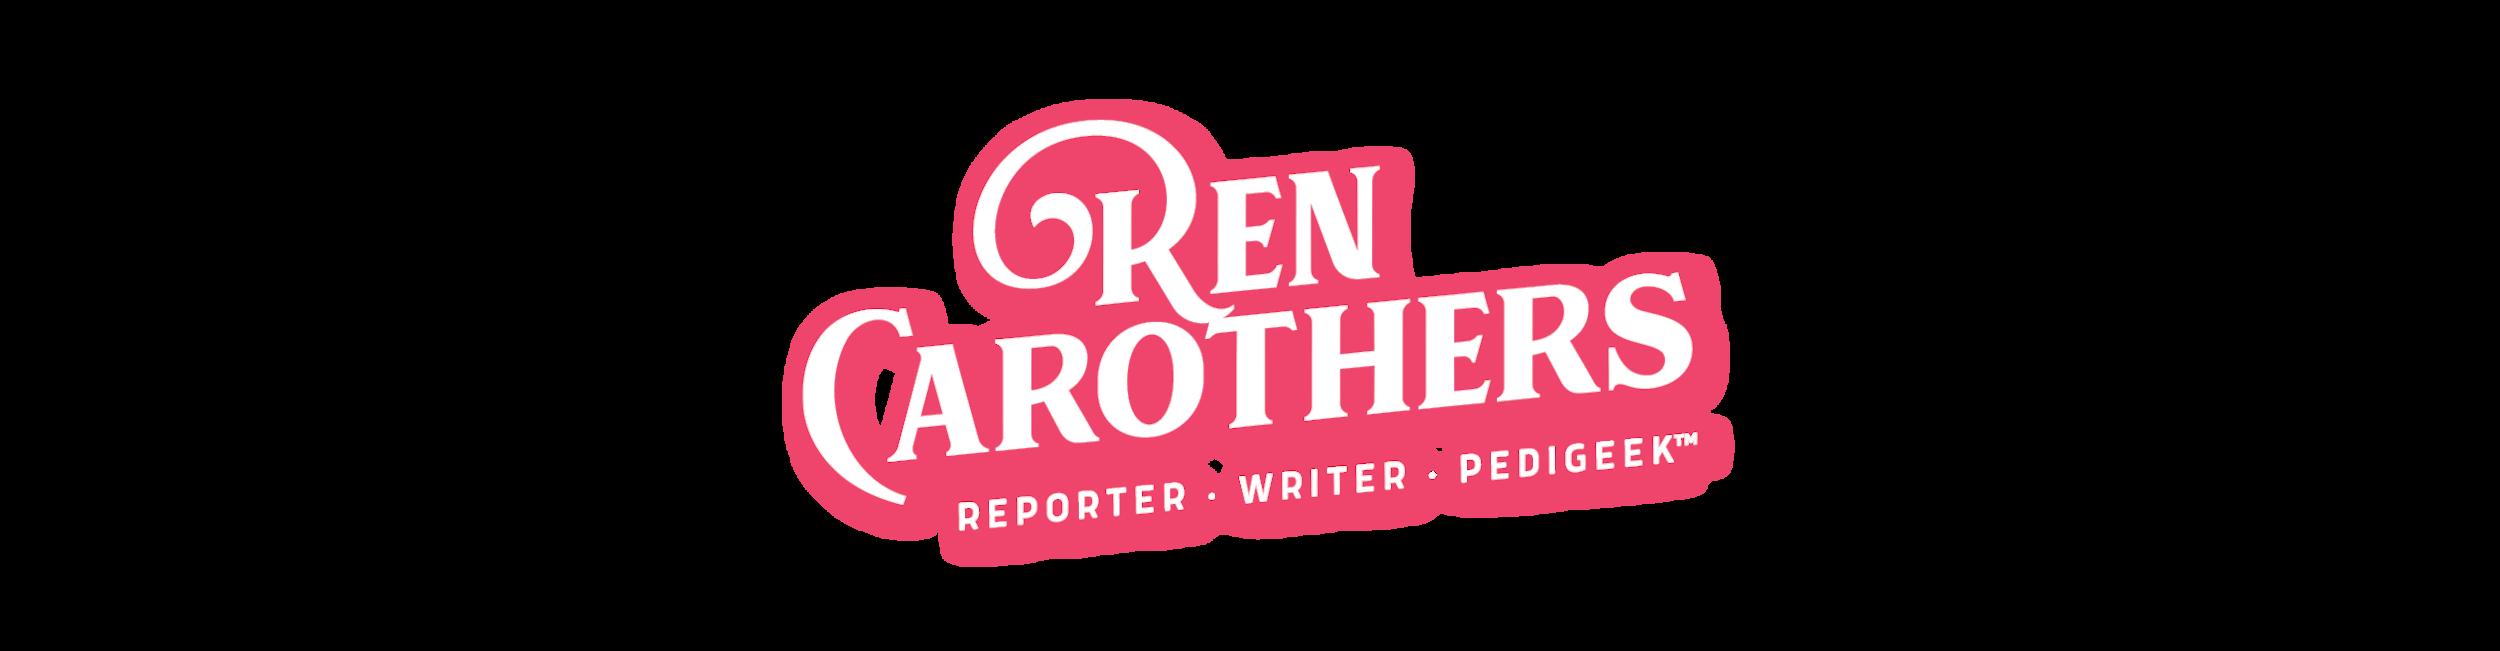 RenCarothers_HeaderLogo.png